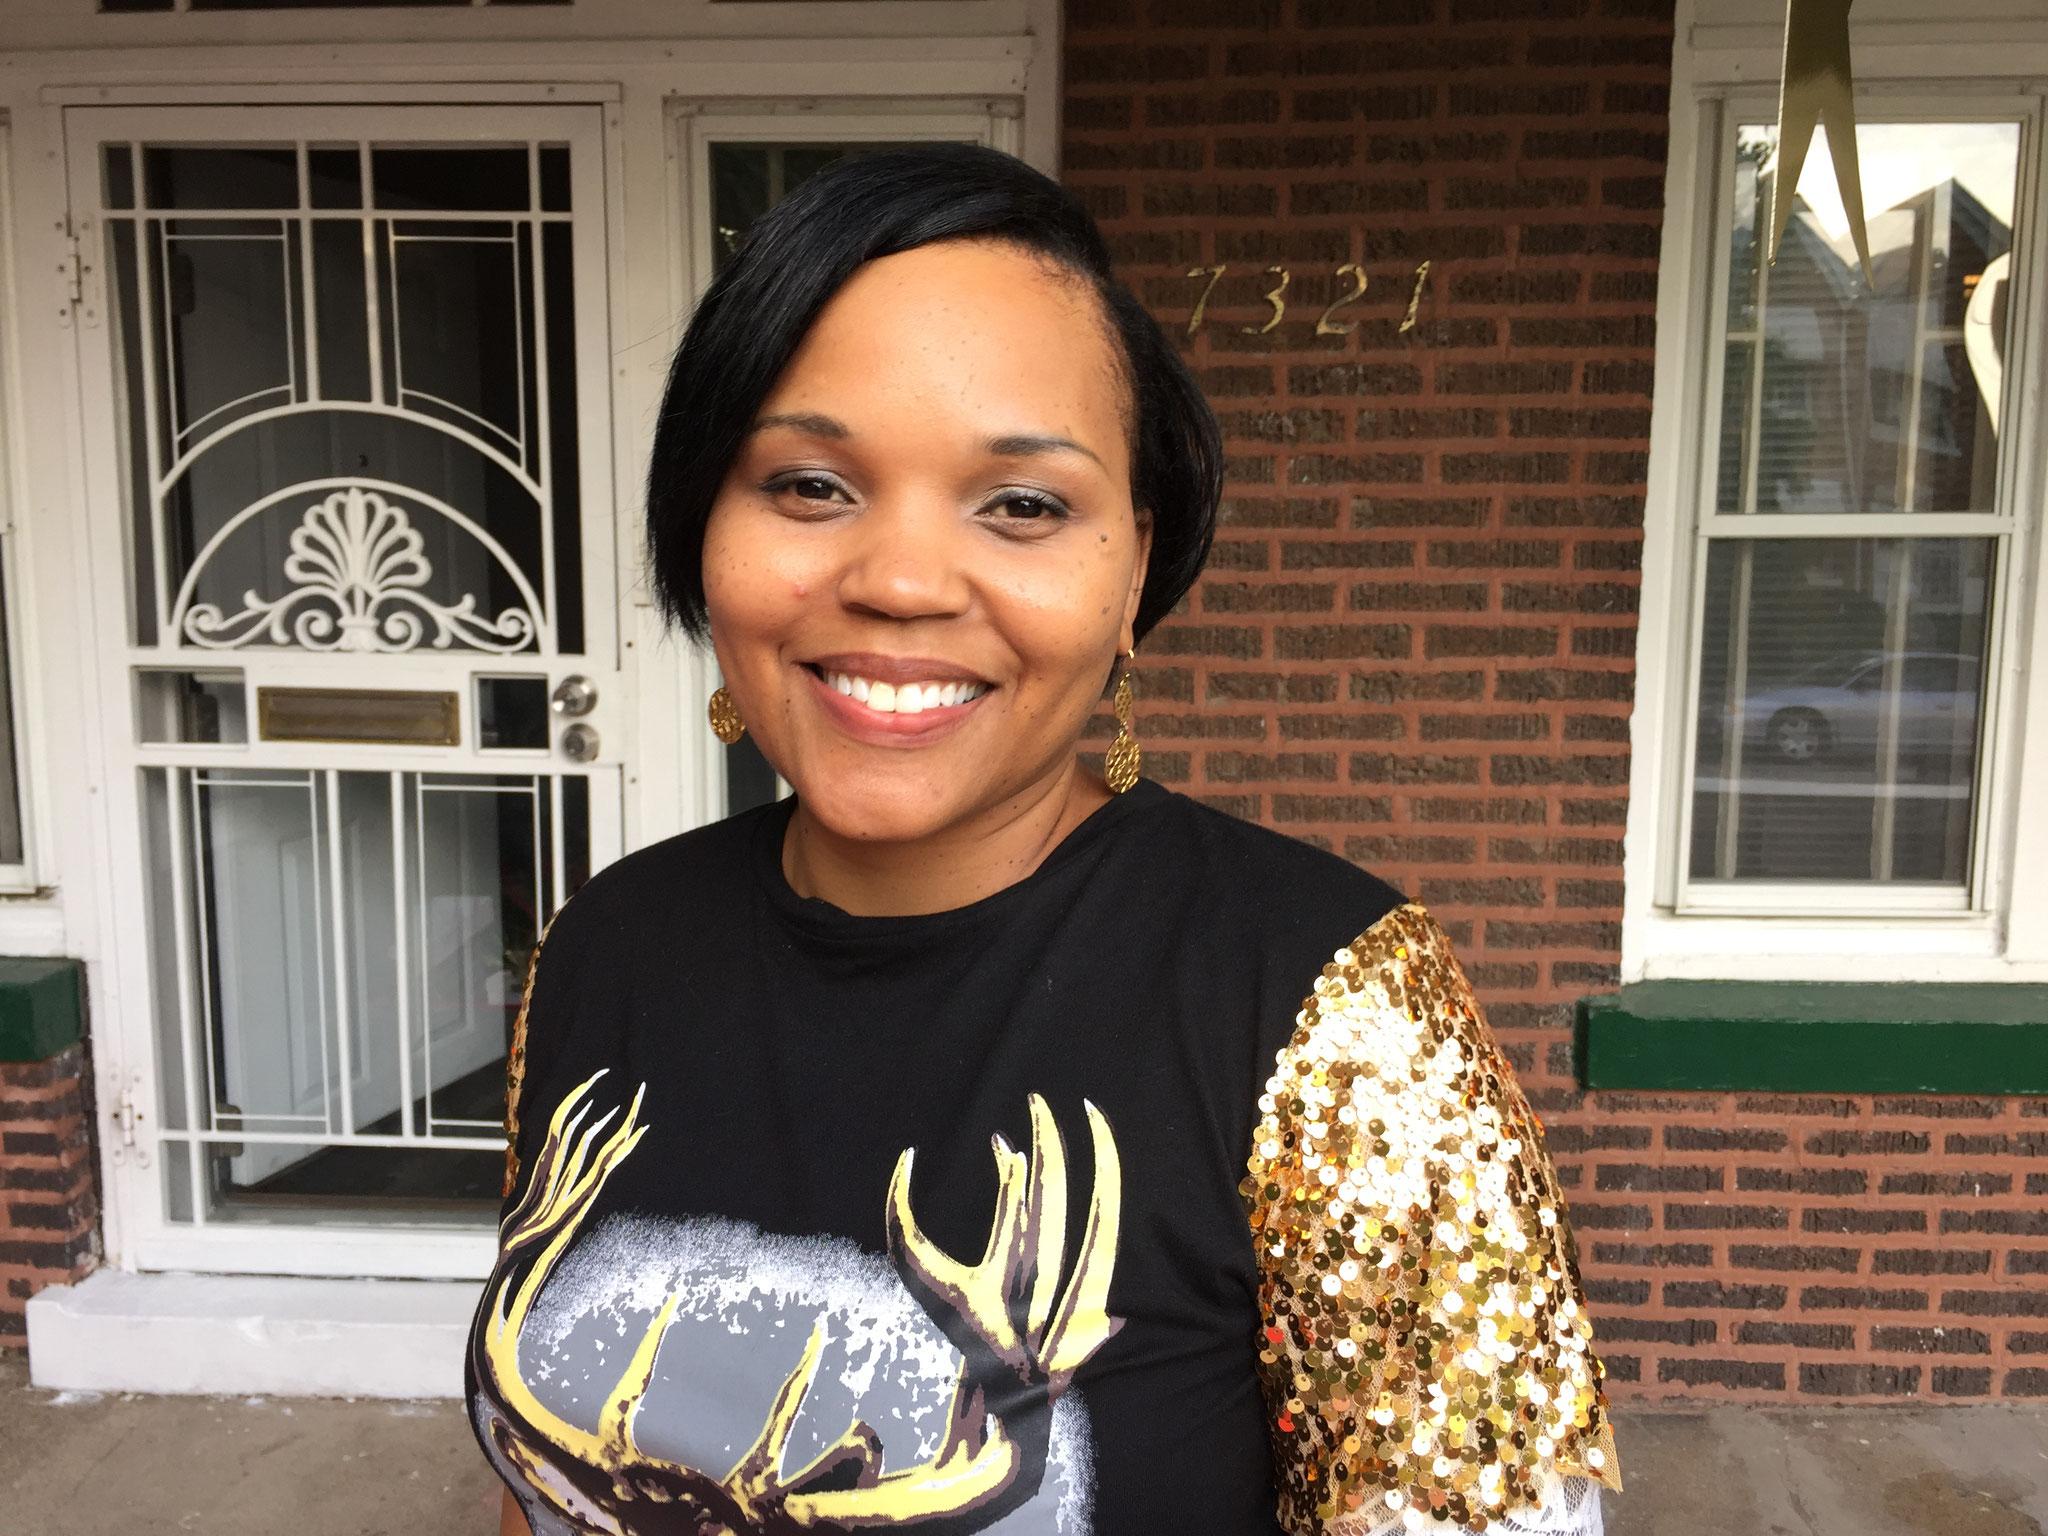 Hat Angst vor einem rassistischen Präsidenten Trump: Tonja Hall aus Chicago